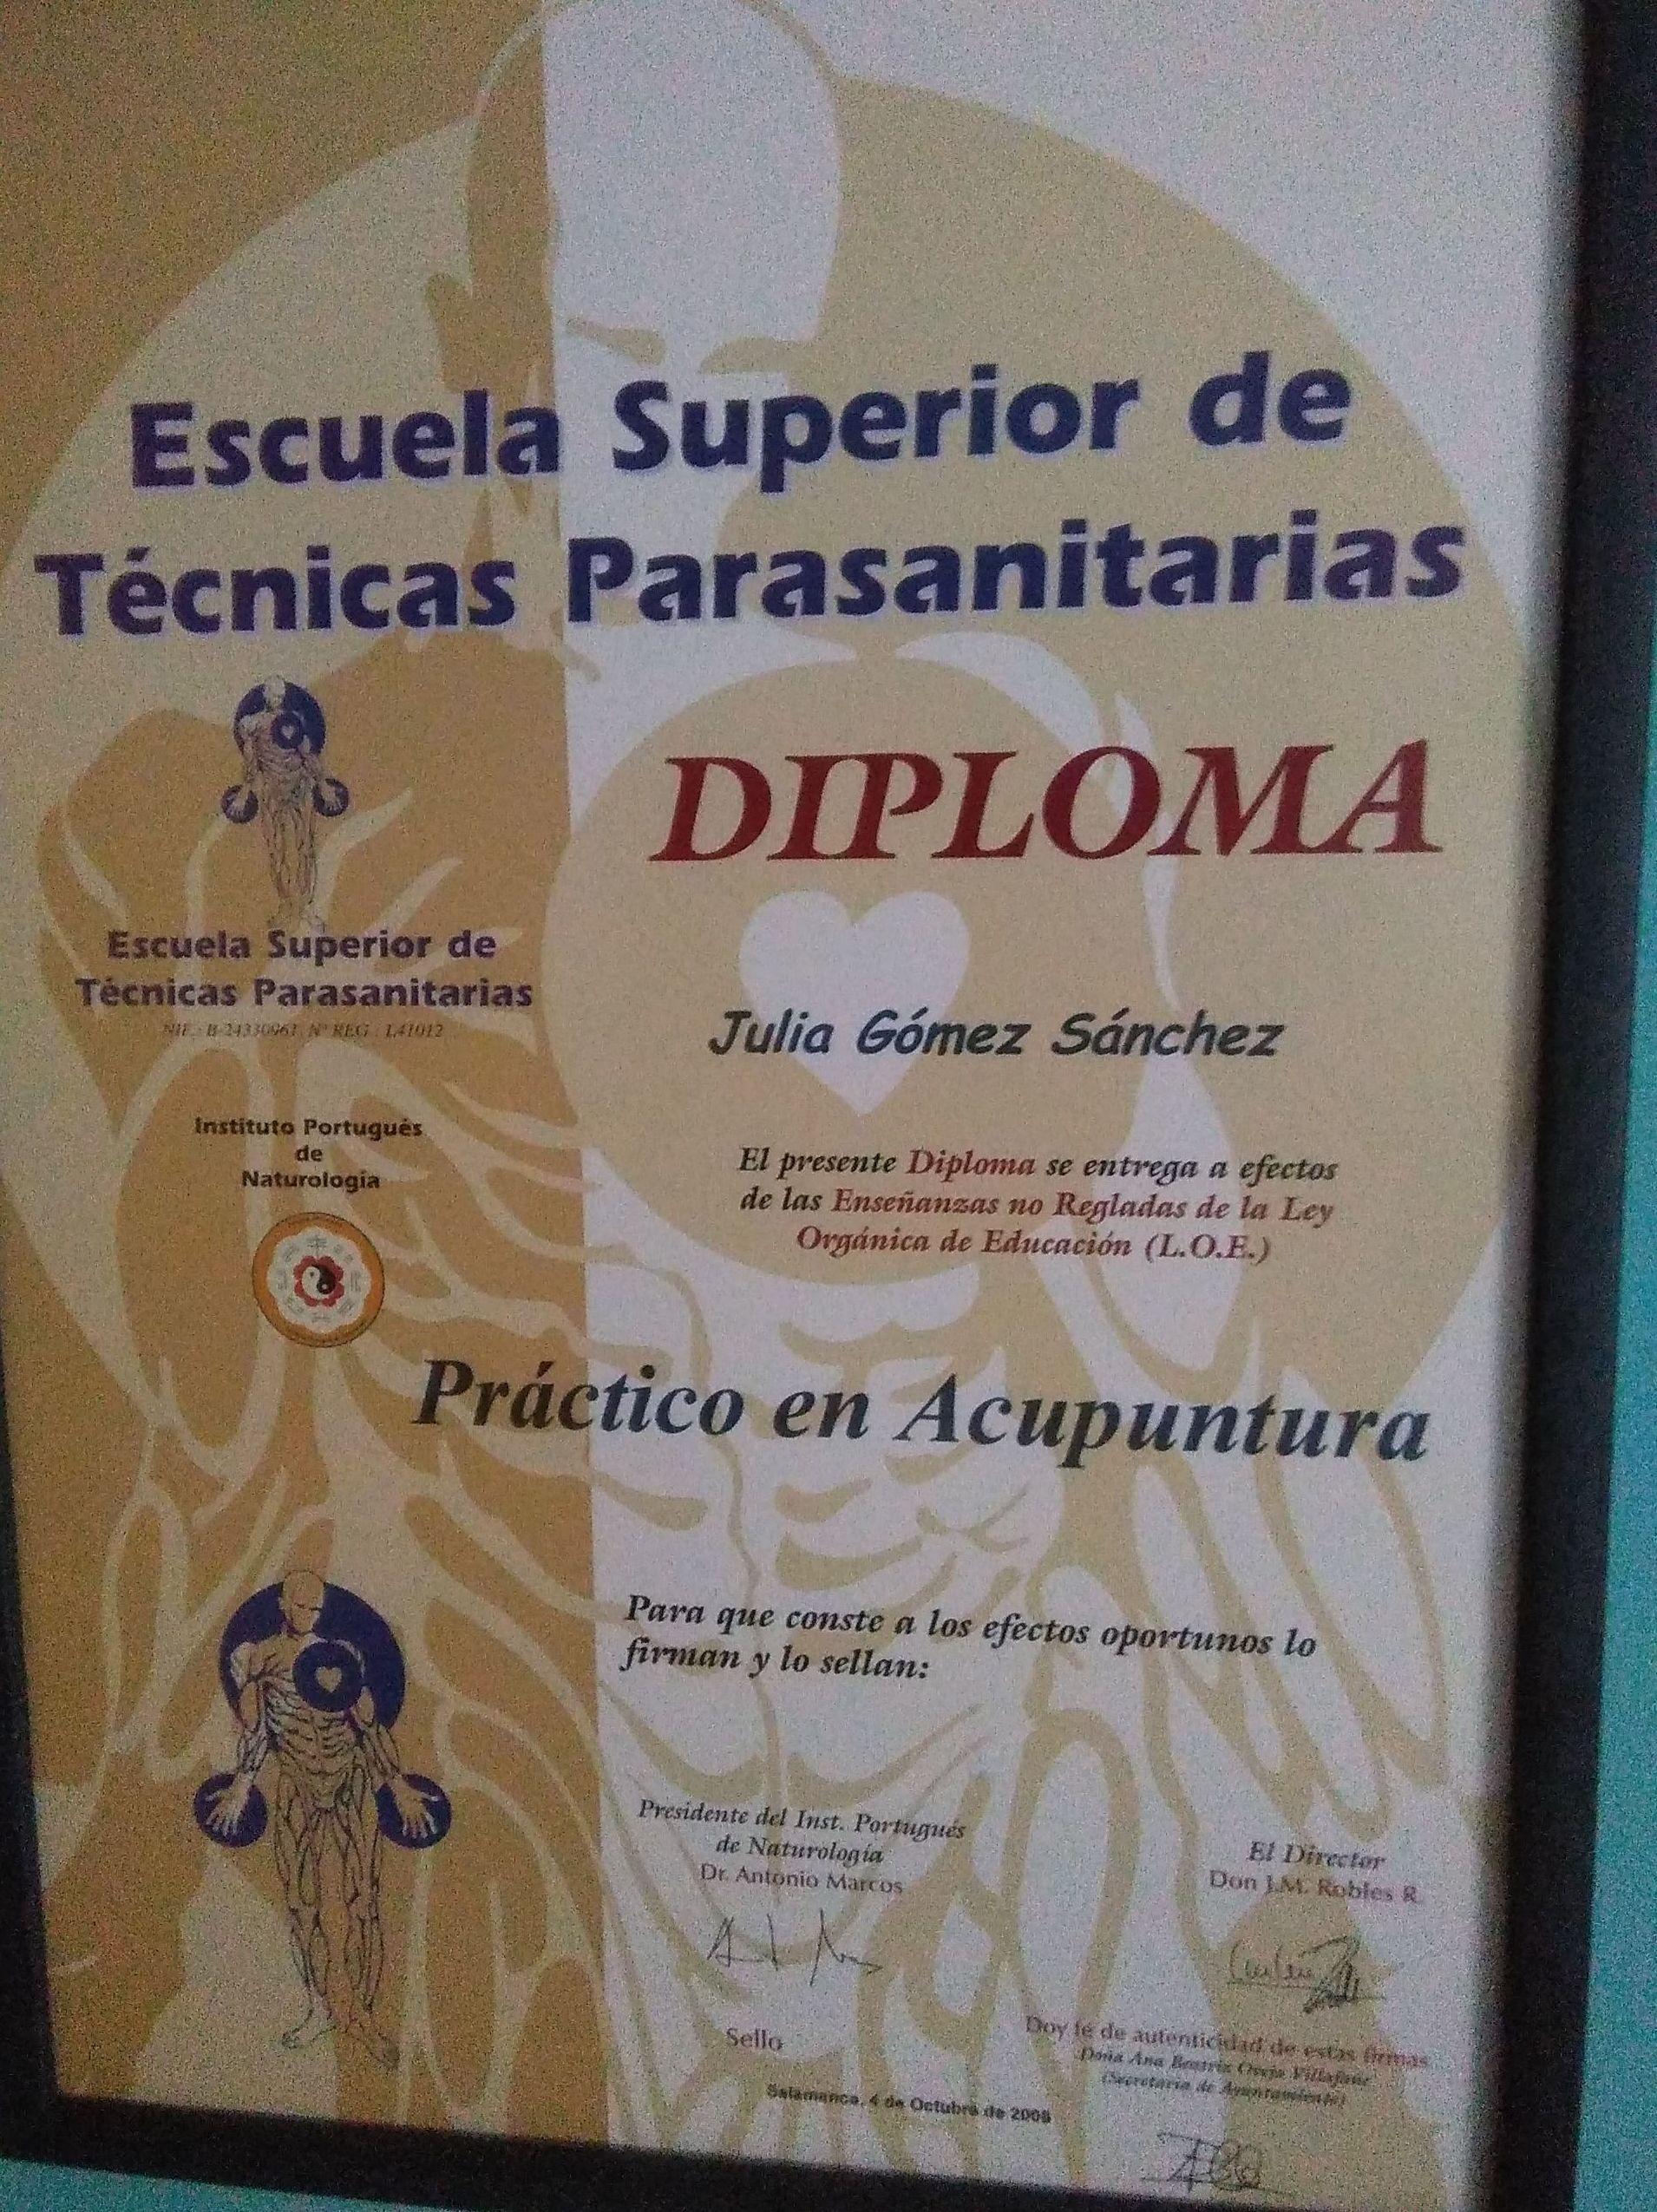 DIPLOMA DE ESPAÑA